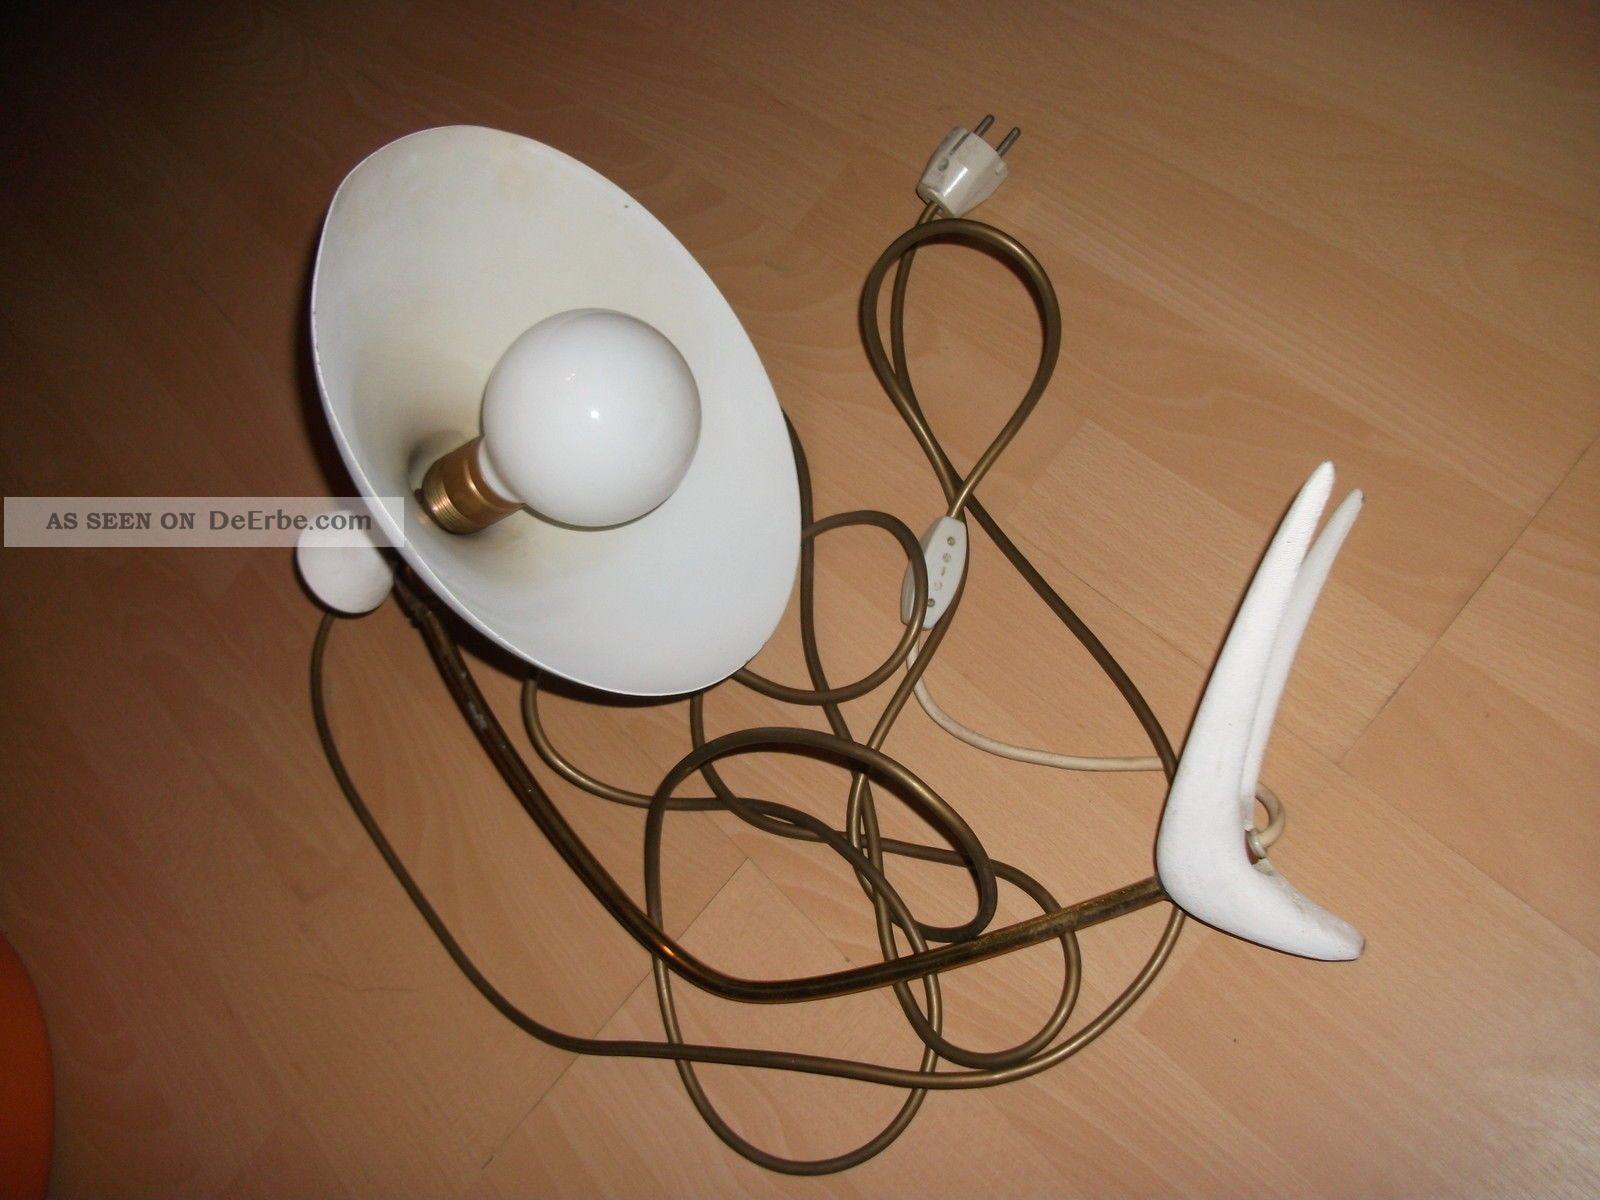 60er 70er jahre lampe tischlampe vintage wei designlampe. Black Bedroom Furniture Sets. Home Design Ideas